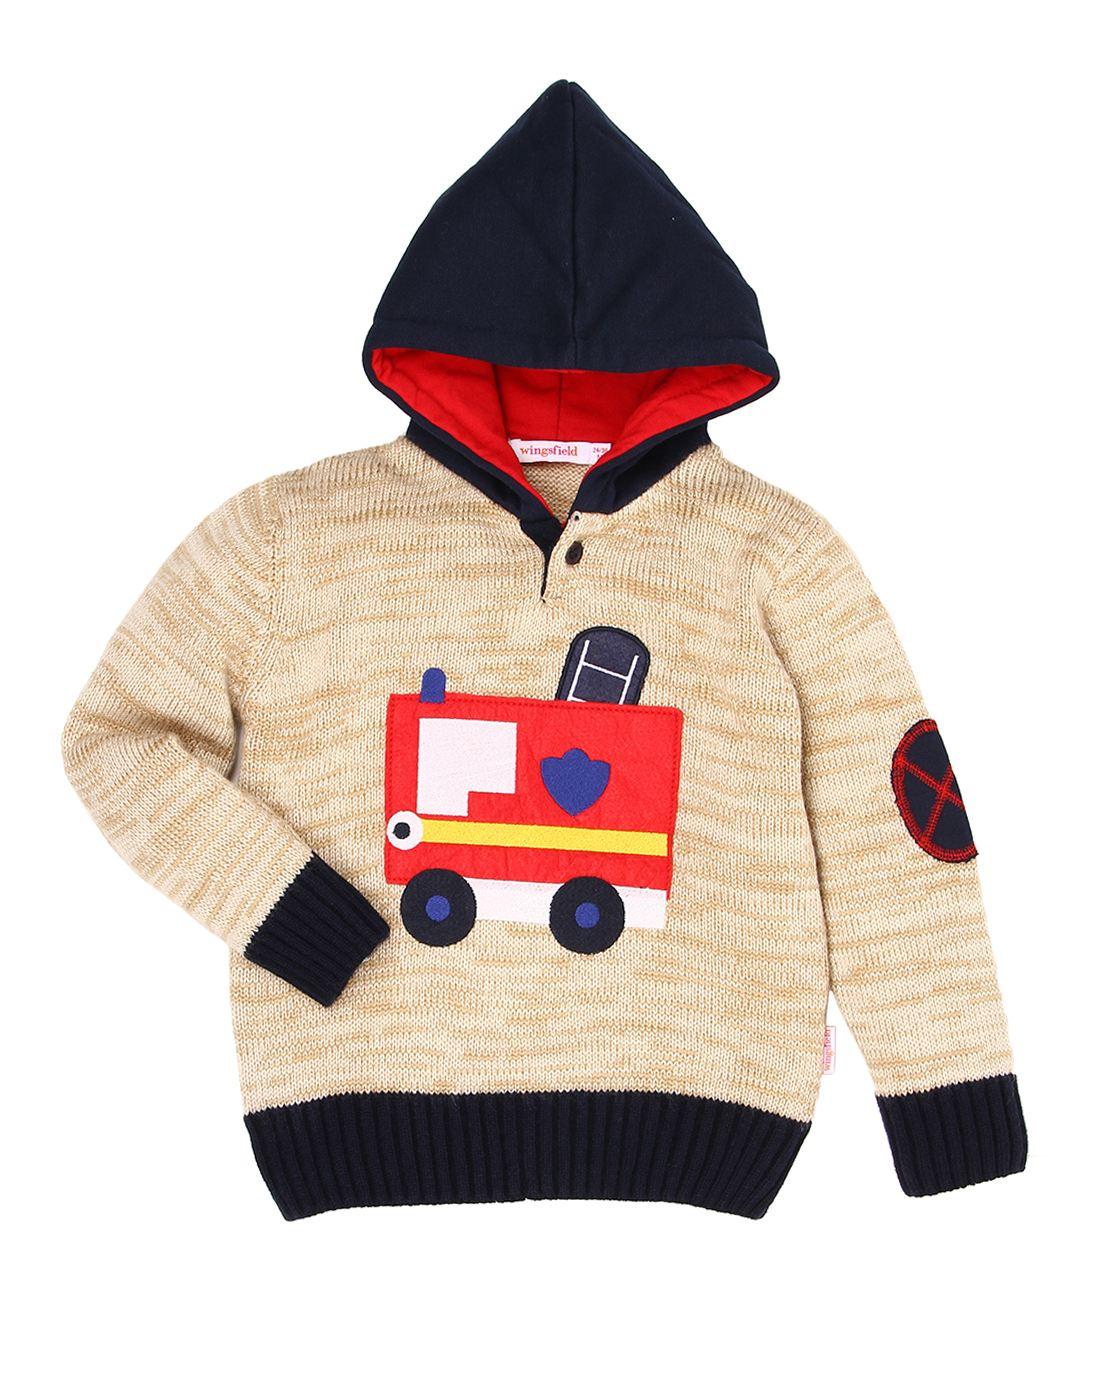 Wingsfield Beige Baby Boy Winter Wear Sweater